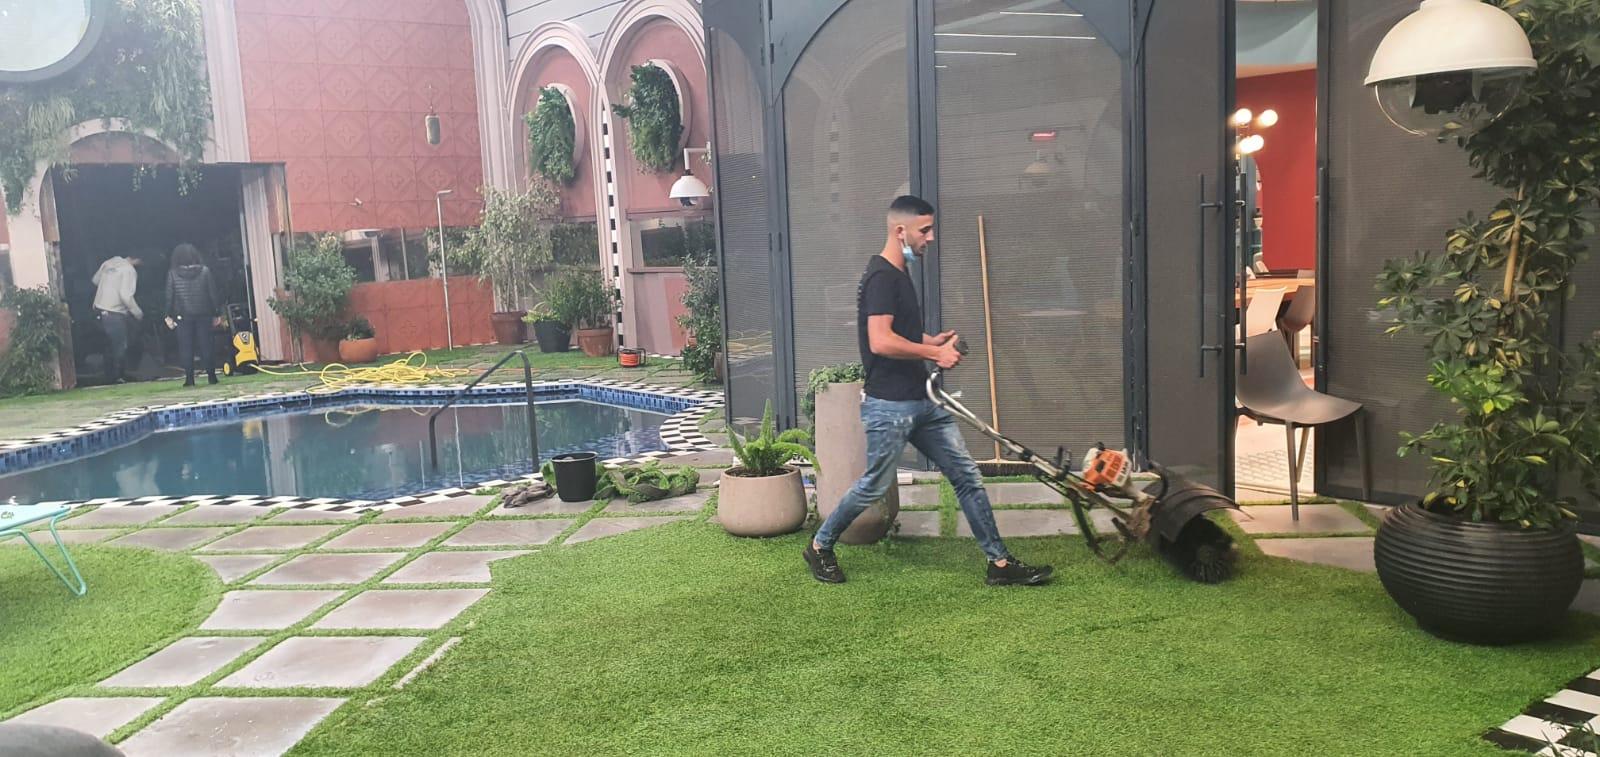 עיצוב גינה ודשא בבית האח הגדול 2020 7